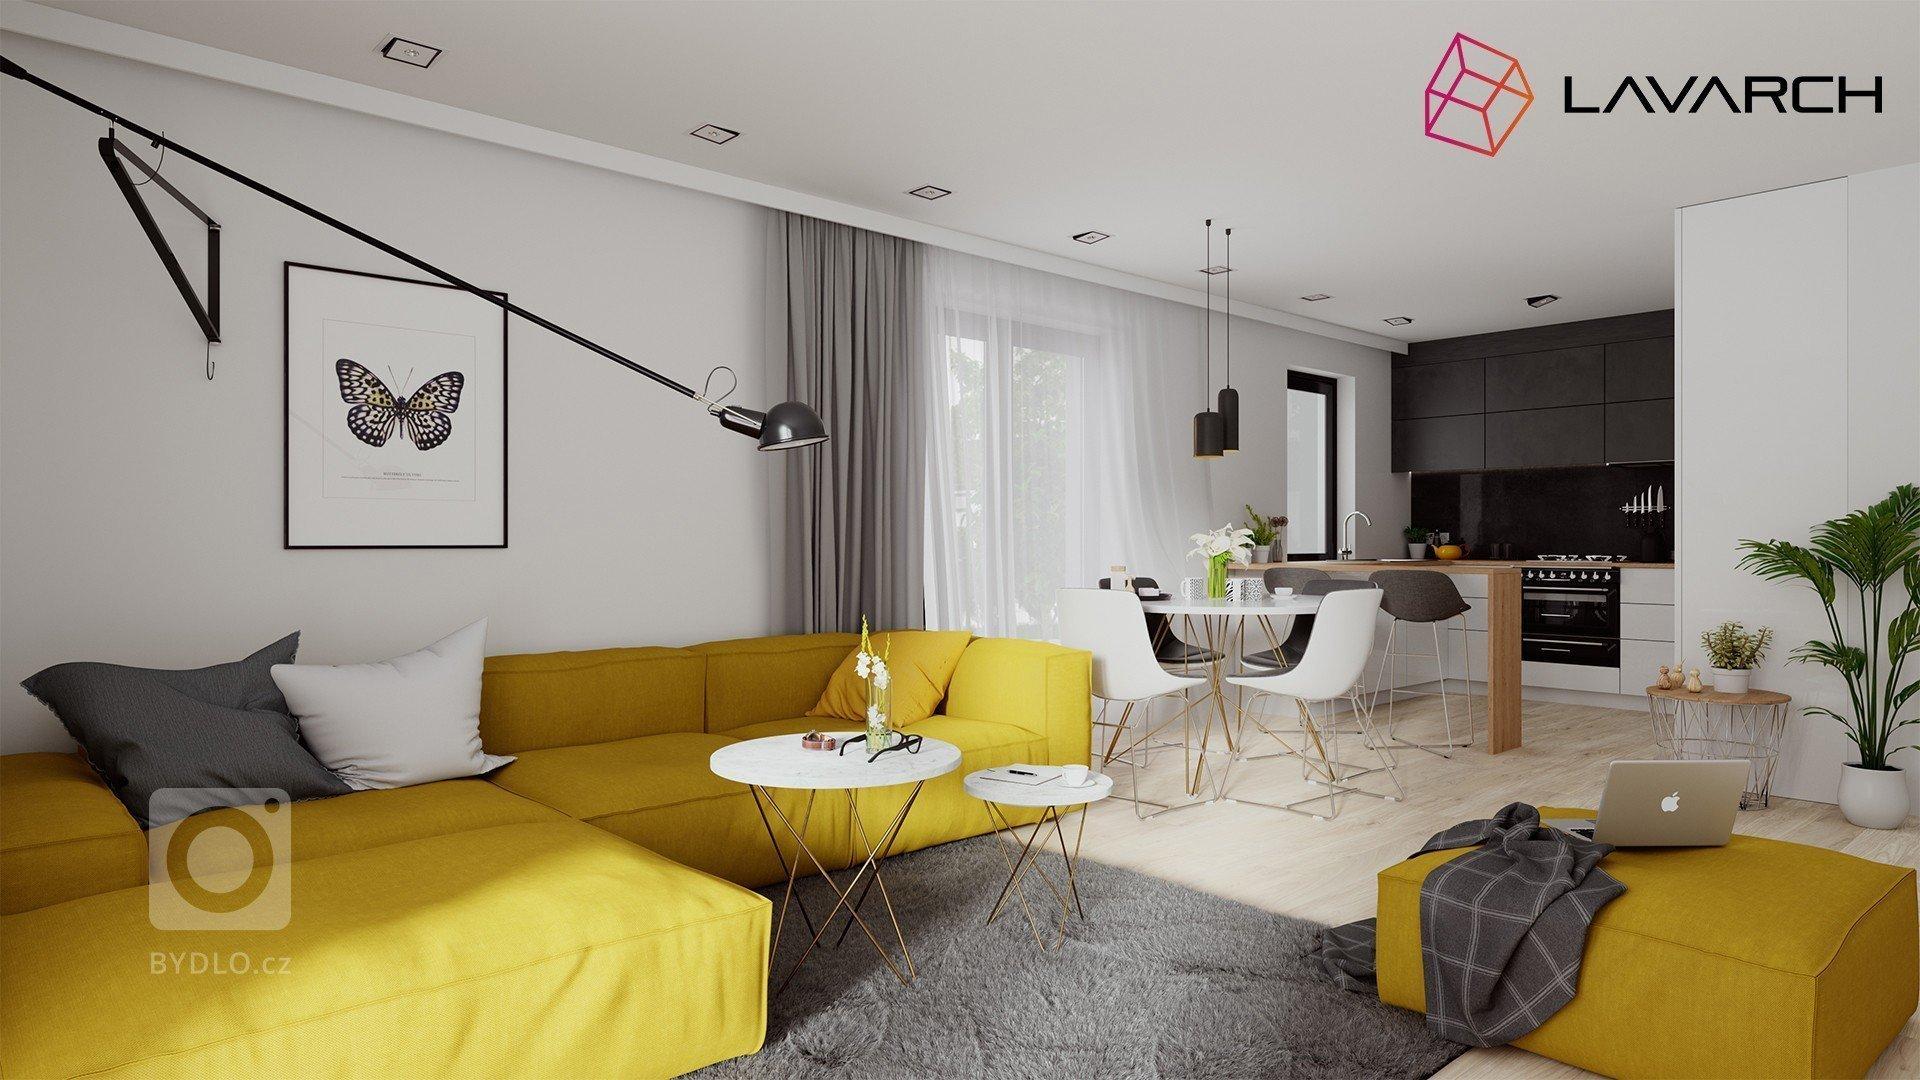 Projekt interiéru sme sa snažili navrhnúť ako tvarovo čistý a funkčný. Interiér je svieži a jednoduchý, ladený vo svetlých tónoch, s kontrastným použitím žltej…